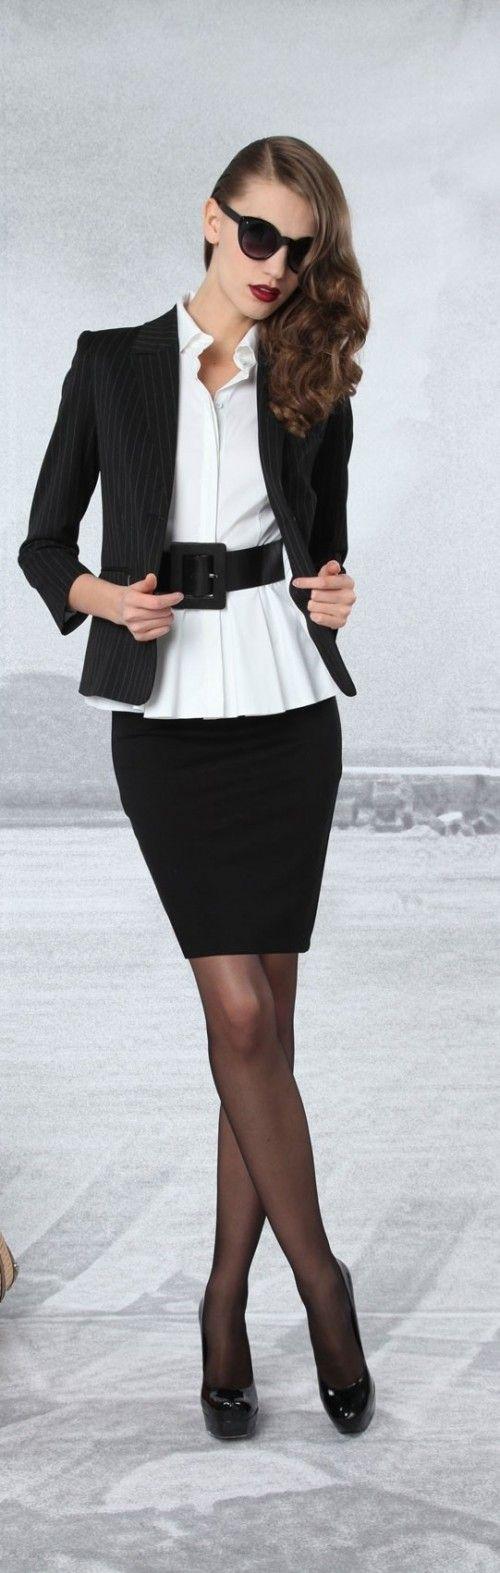 Klassiek zwart wit voor het werk. Deze kleuren alleen wel mooi voor de wintertypes!